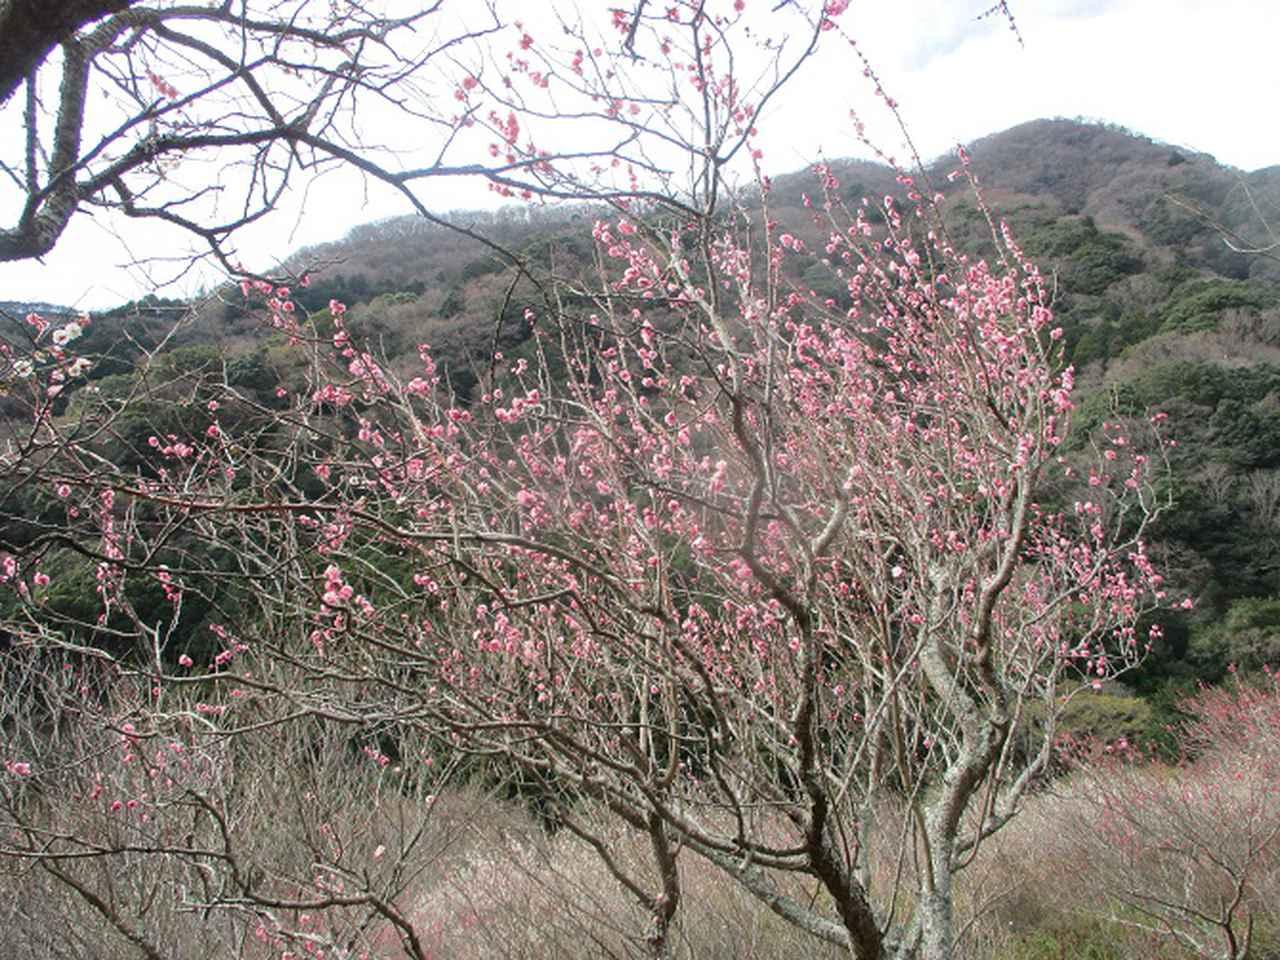 画像1: 2月28日に山旅会 湯河原城山 ツアーに行ってきました!